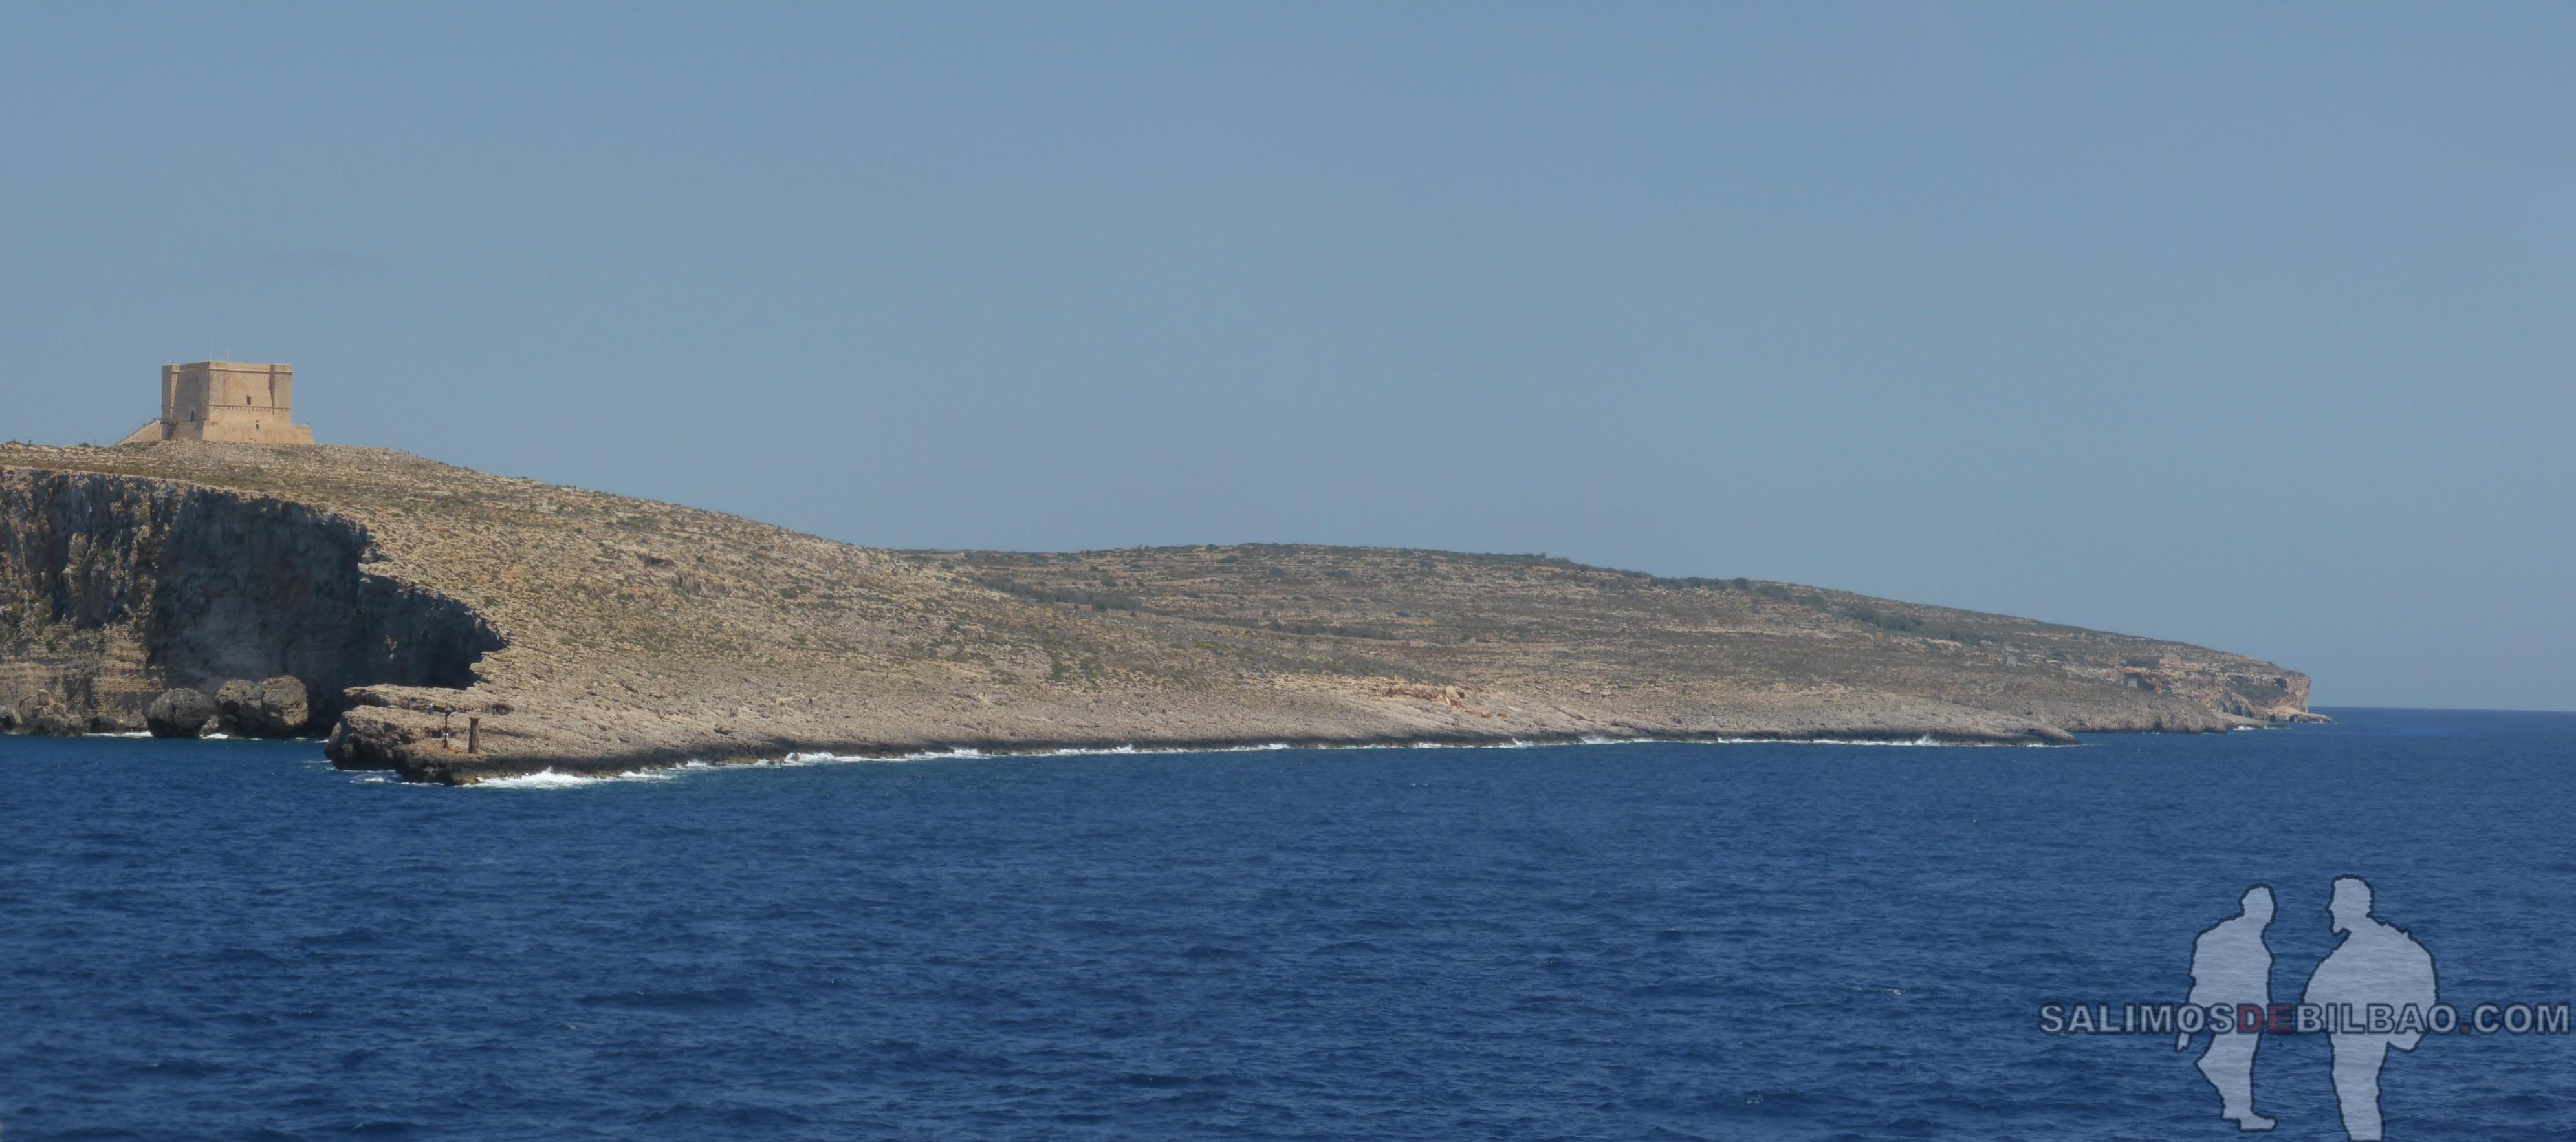 0619. Pano, Isla de Comino, Ferry de Gozo a Malta